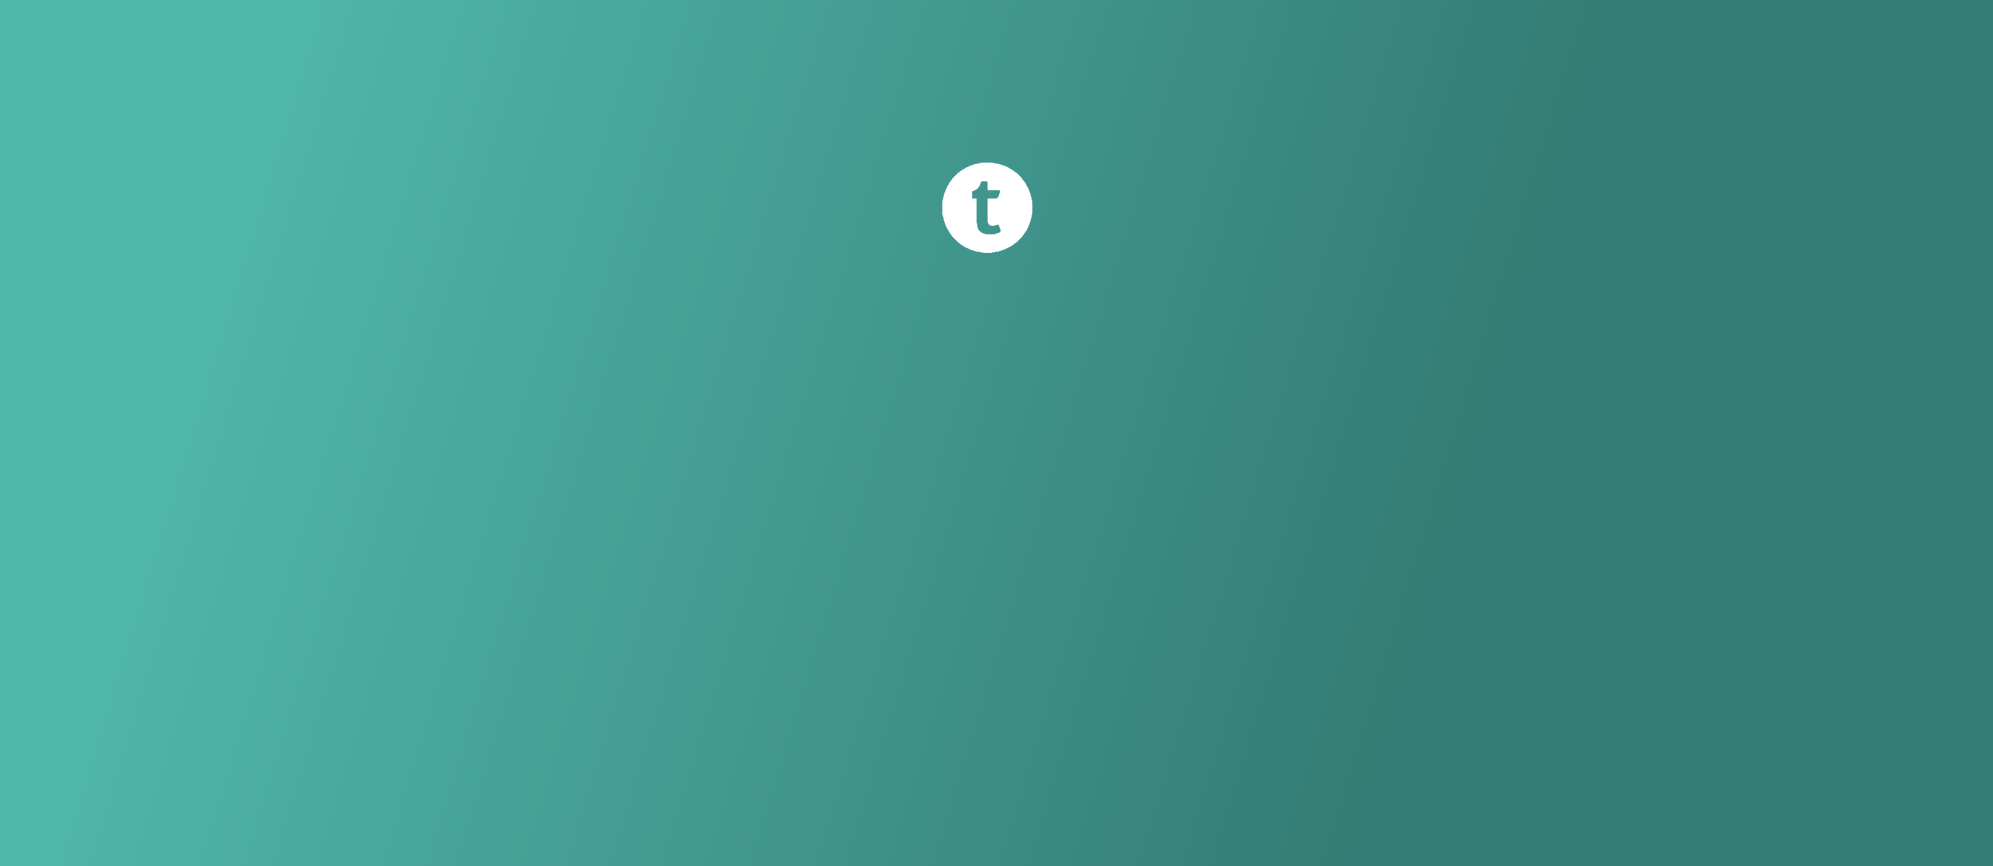 オンラインスクールをTeachable(ティーチャブル)で実装する具体的な方法